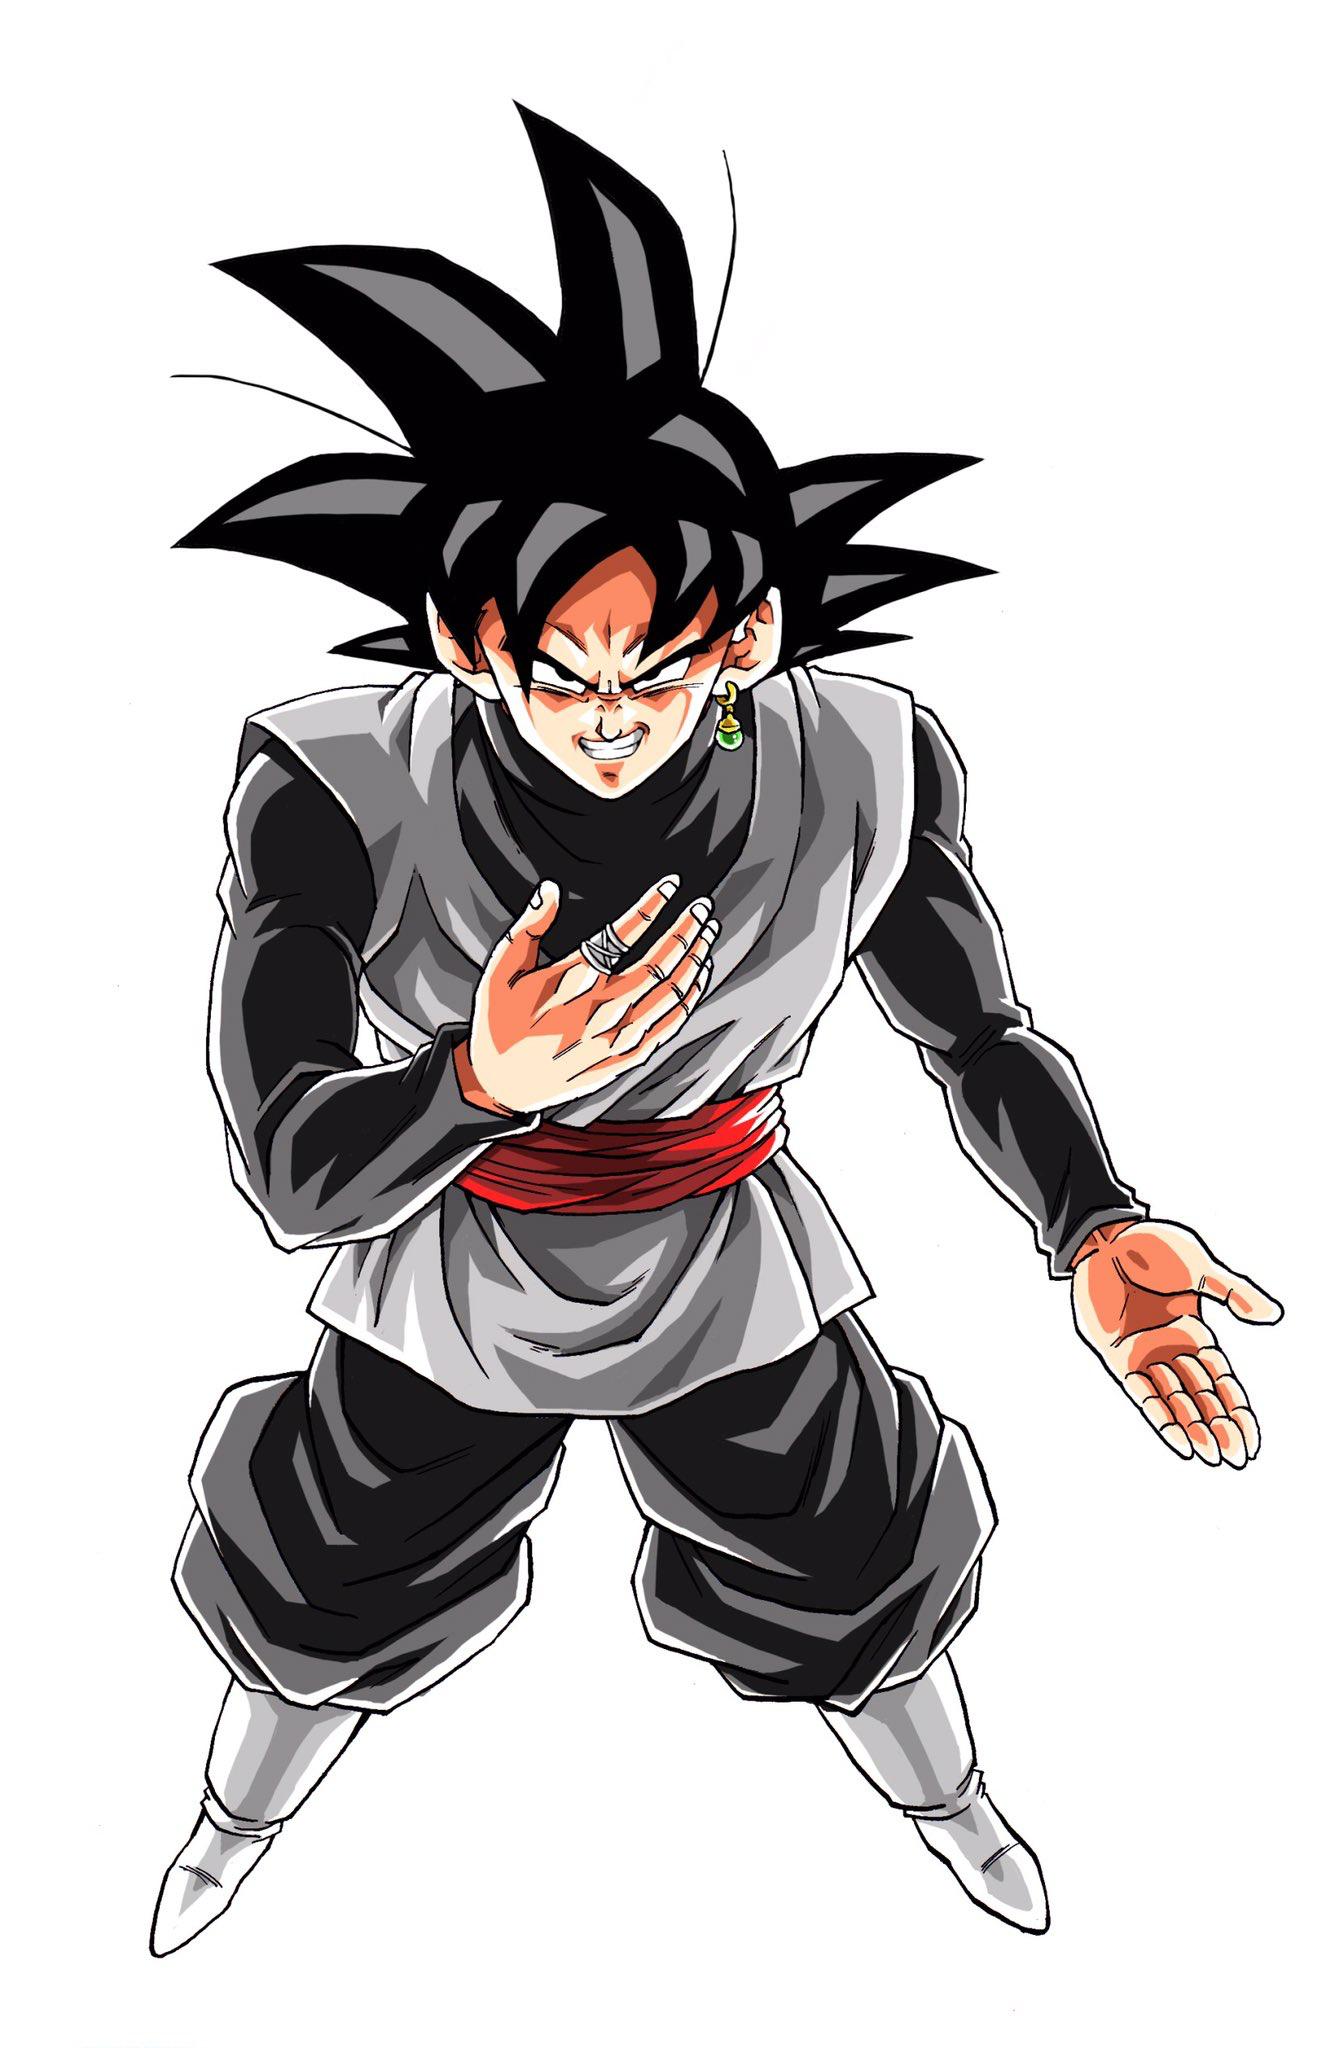 Black Goku Anime Dragon Ball Goku Black Dragon Ball Super